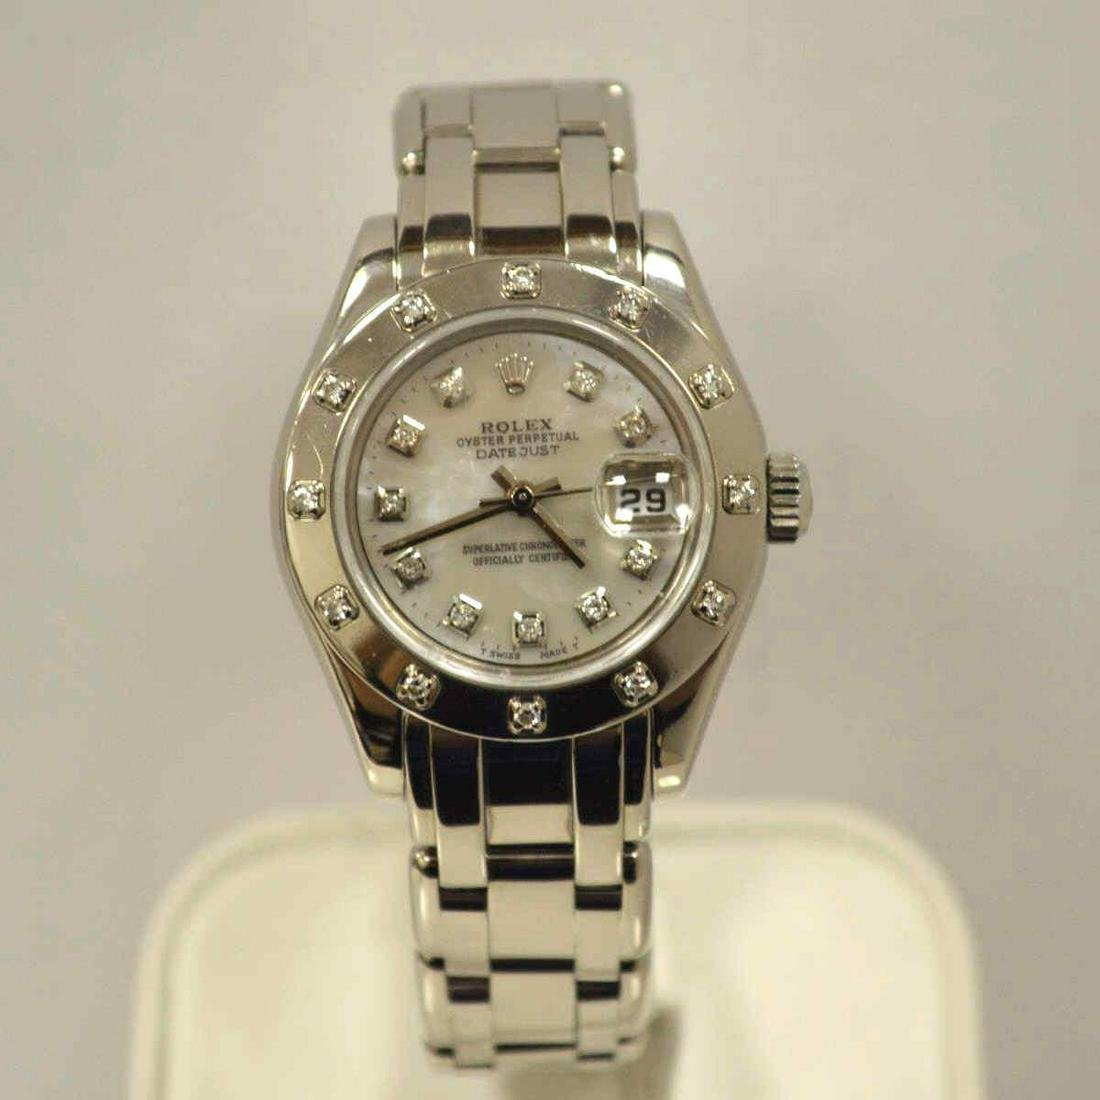 Ladies 18kt white gold Rolex Pearlmaster watch